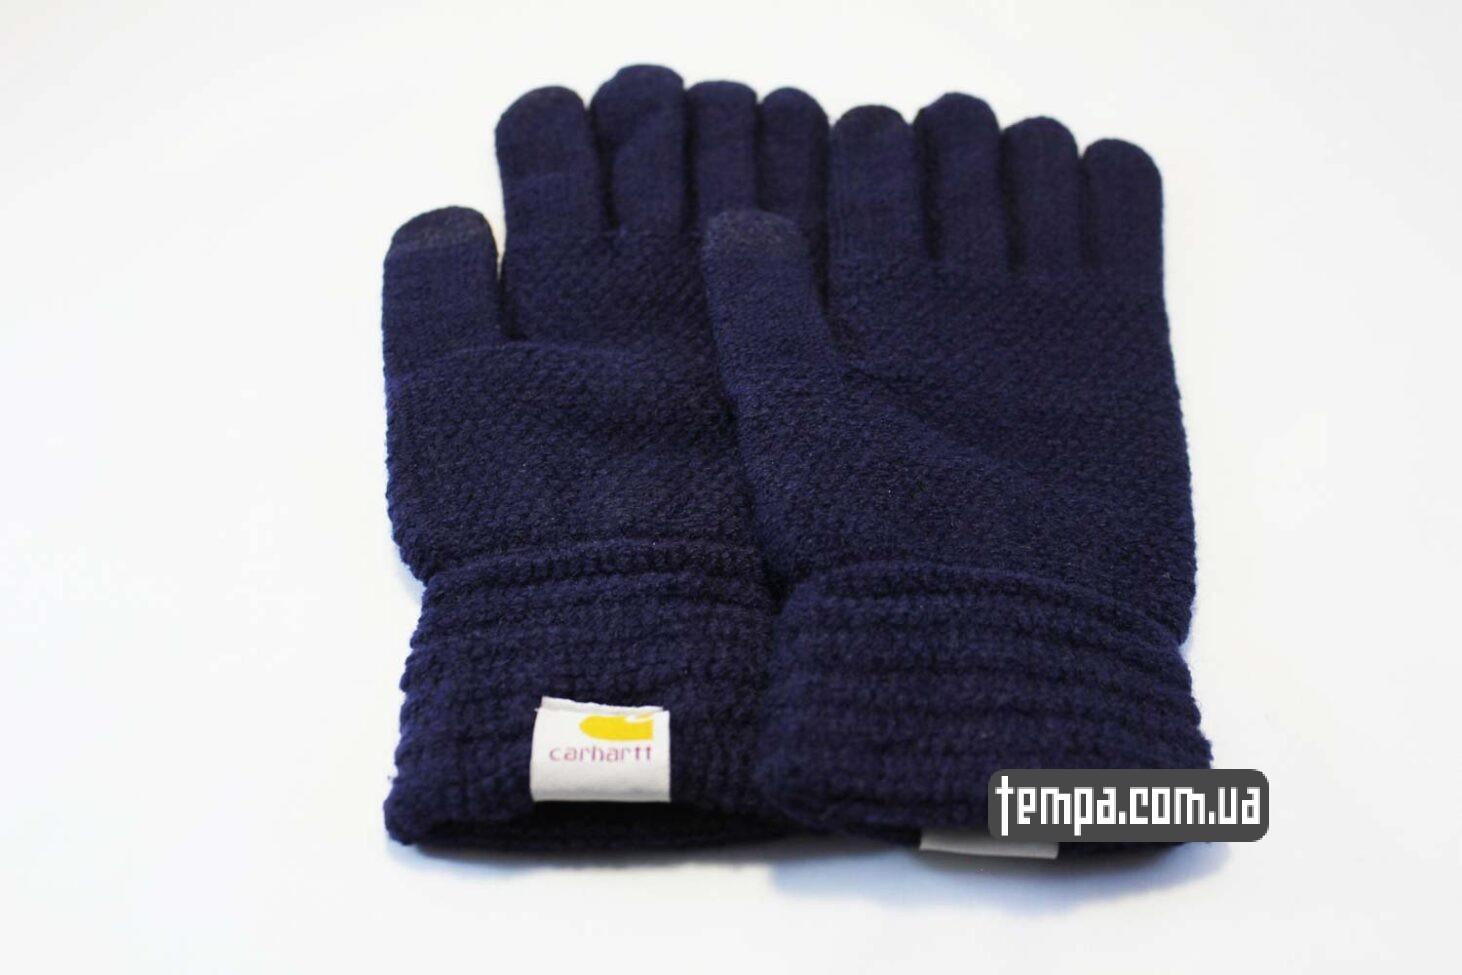 темно-синие теплые перчатки Carhartt синие для сенсорных мобильных экранов